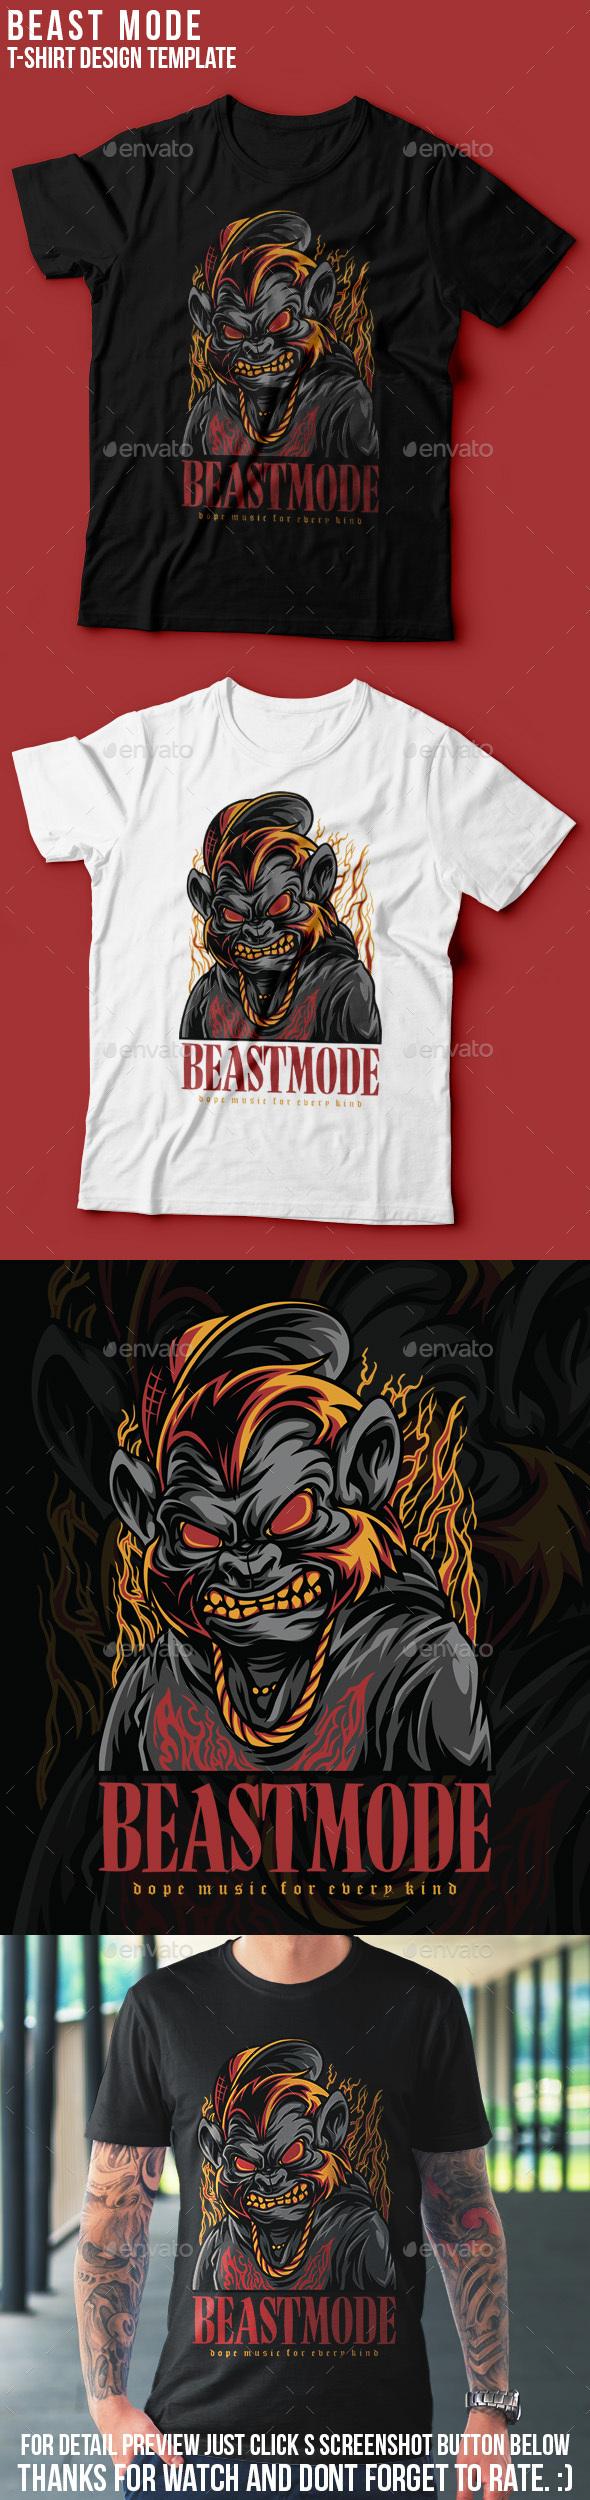 Beast Mode T-Shirt Design